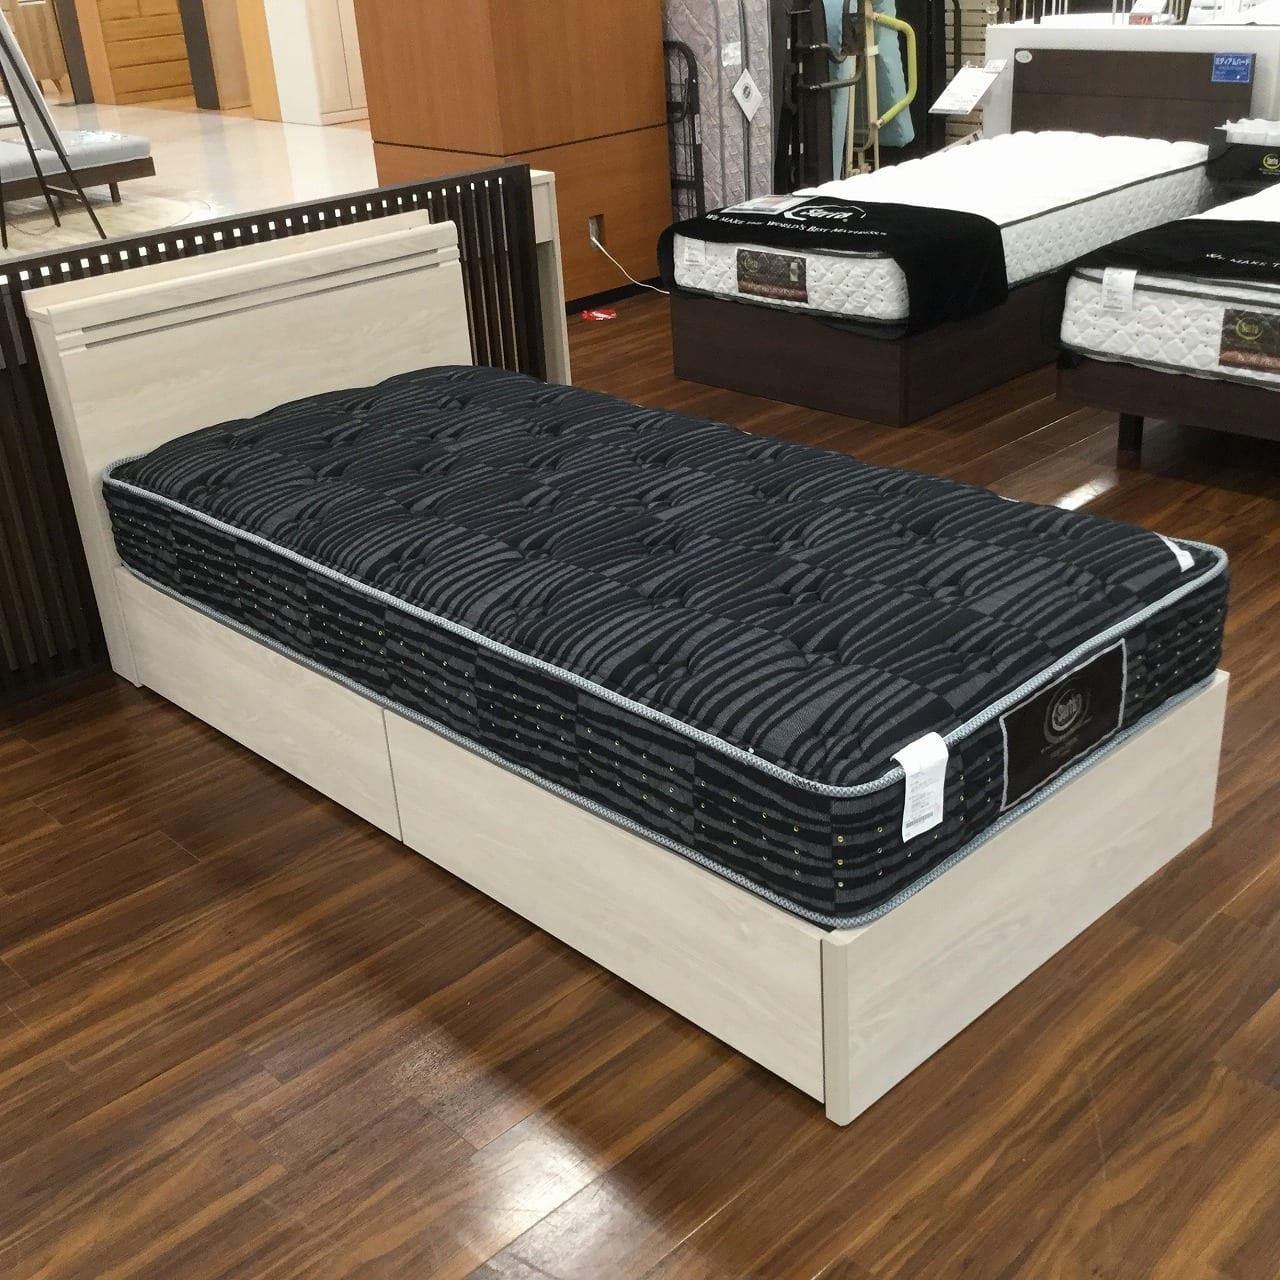 【大和店 展示特価品】 シングルベッド サータペディックメモリー5.8DX/フェミスティ1605BOX290H